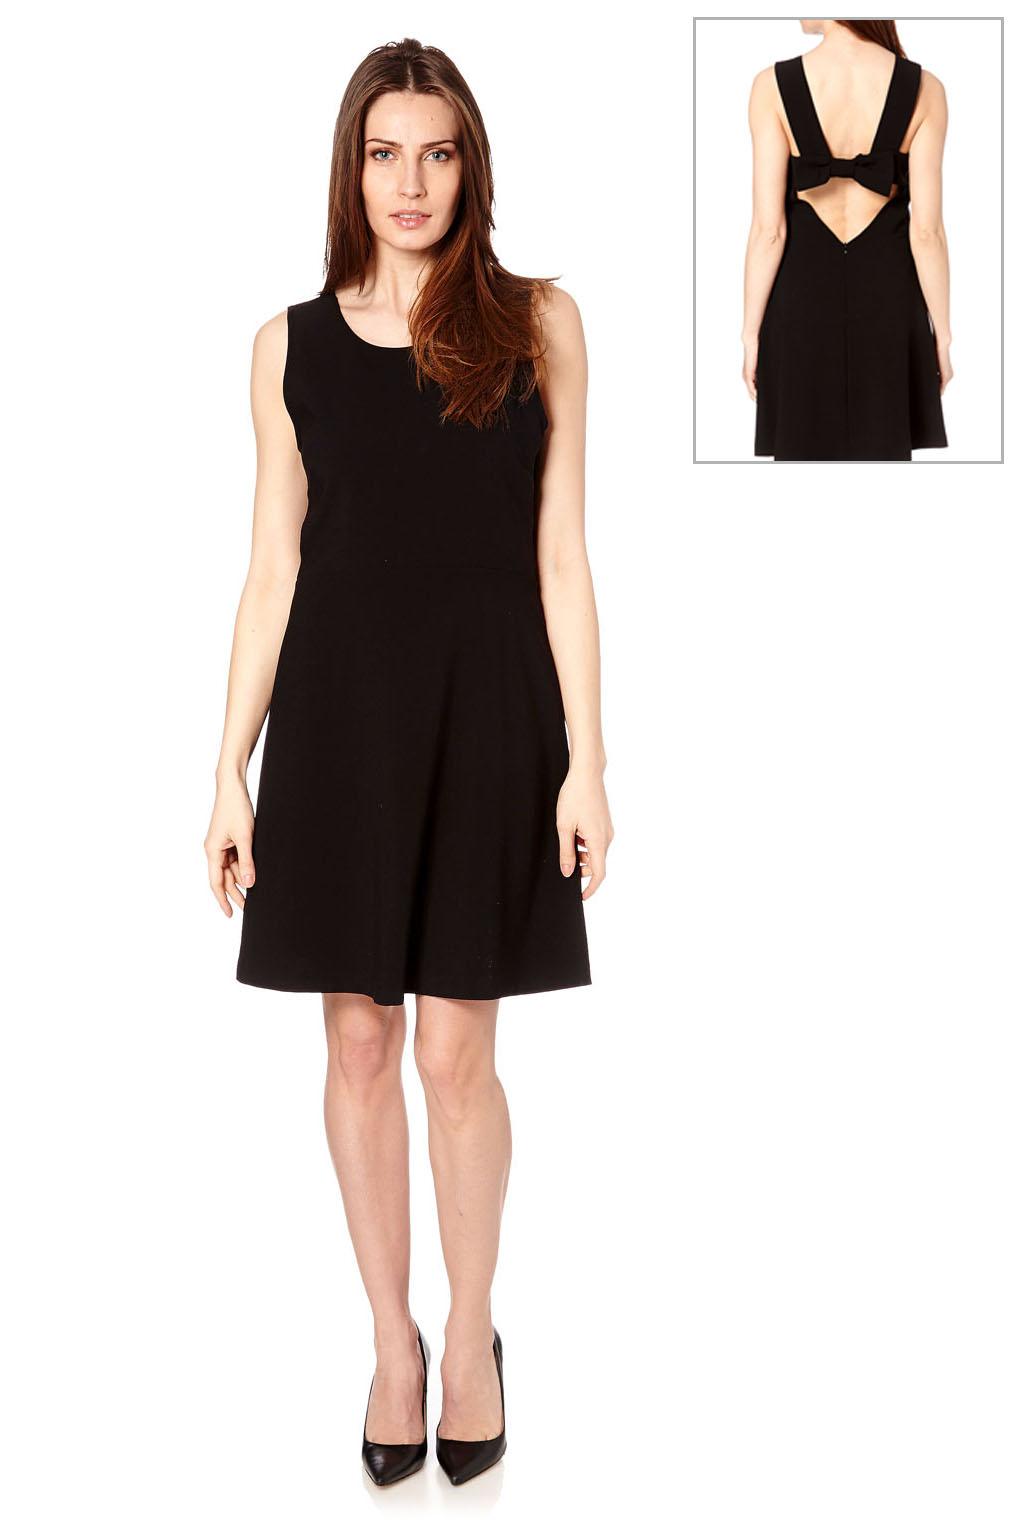 Sep 15, · Rosewholesale es una tienda online china barata que cuenta con una vasta línea de ropa mayorista, con estilos tanto para chicas adolescentes como para mujeres sofisticadas, lo que venden se clasifica en ropa de mujer, zapatos, joyería y relojes, bolsos, accesorios de moda y ropa /5(8).